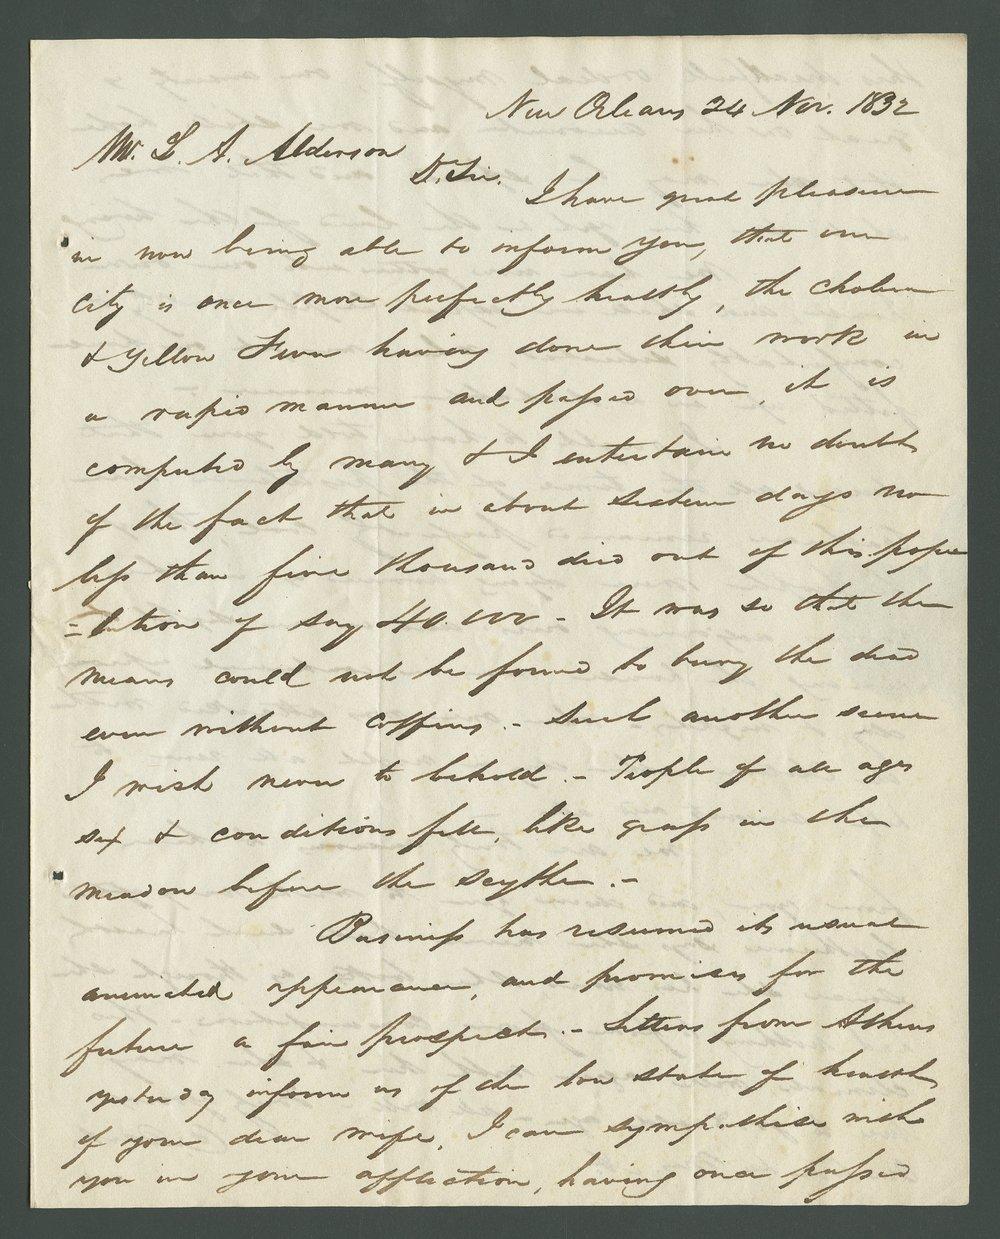 Catherine B. Dart to Lewis Allen Alderson - 11